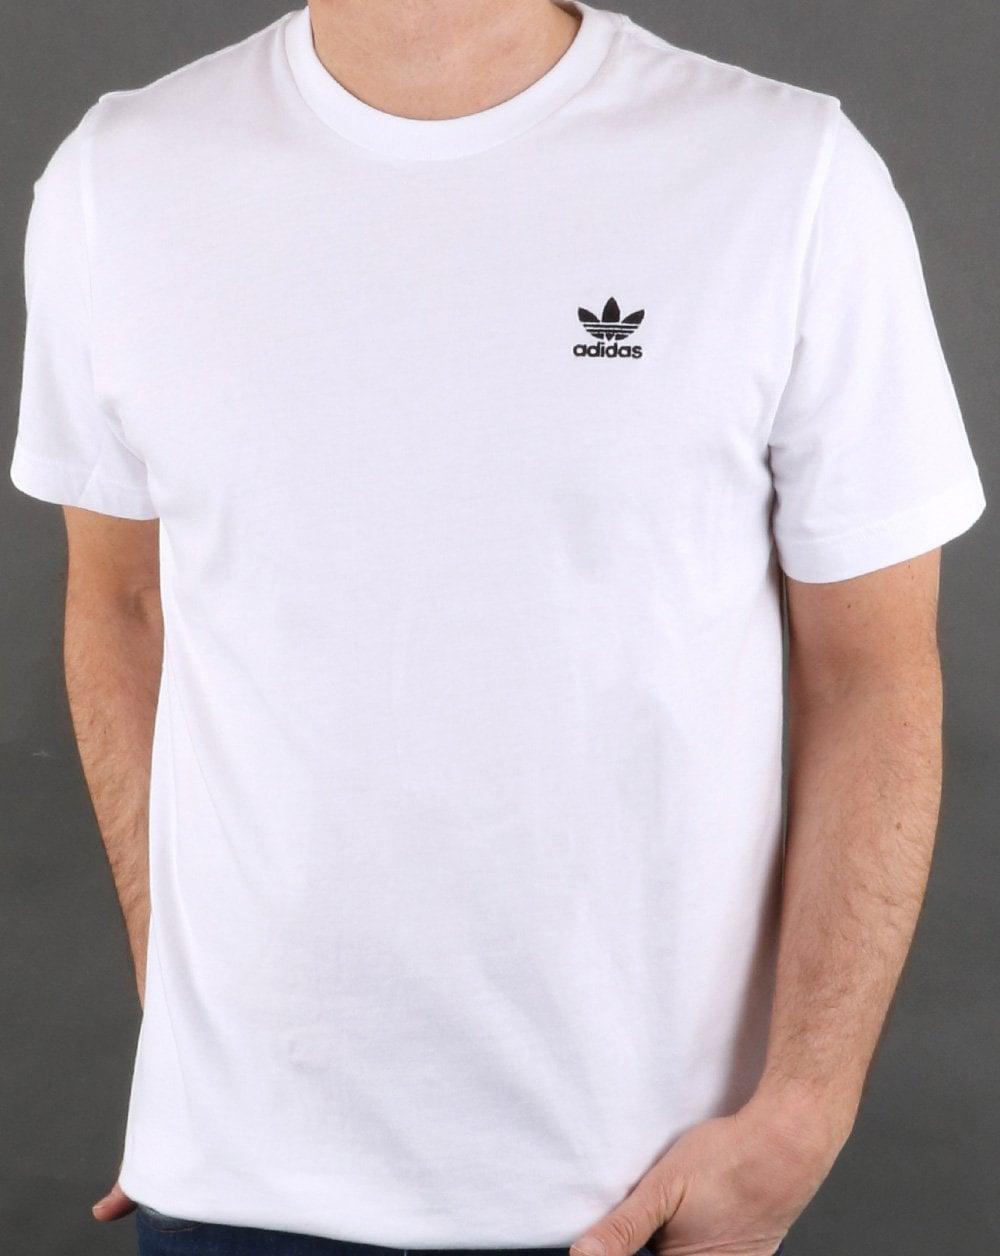 Adidas Originals Ess T Shirt White